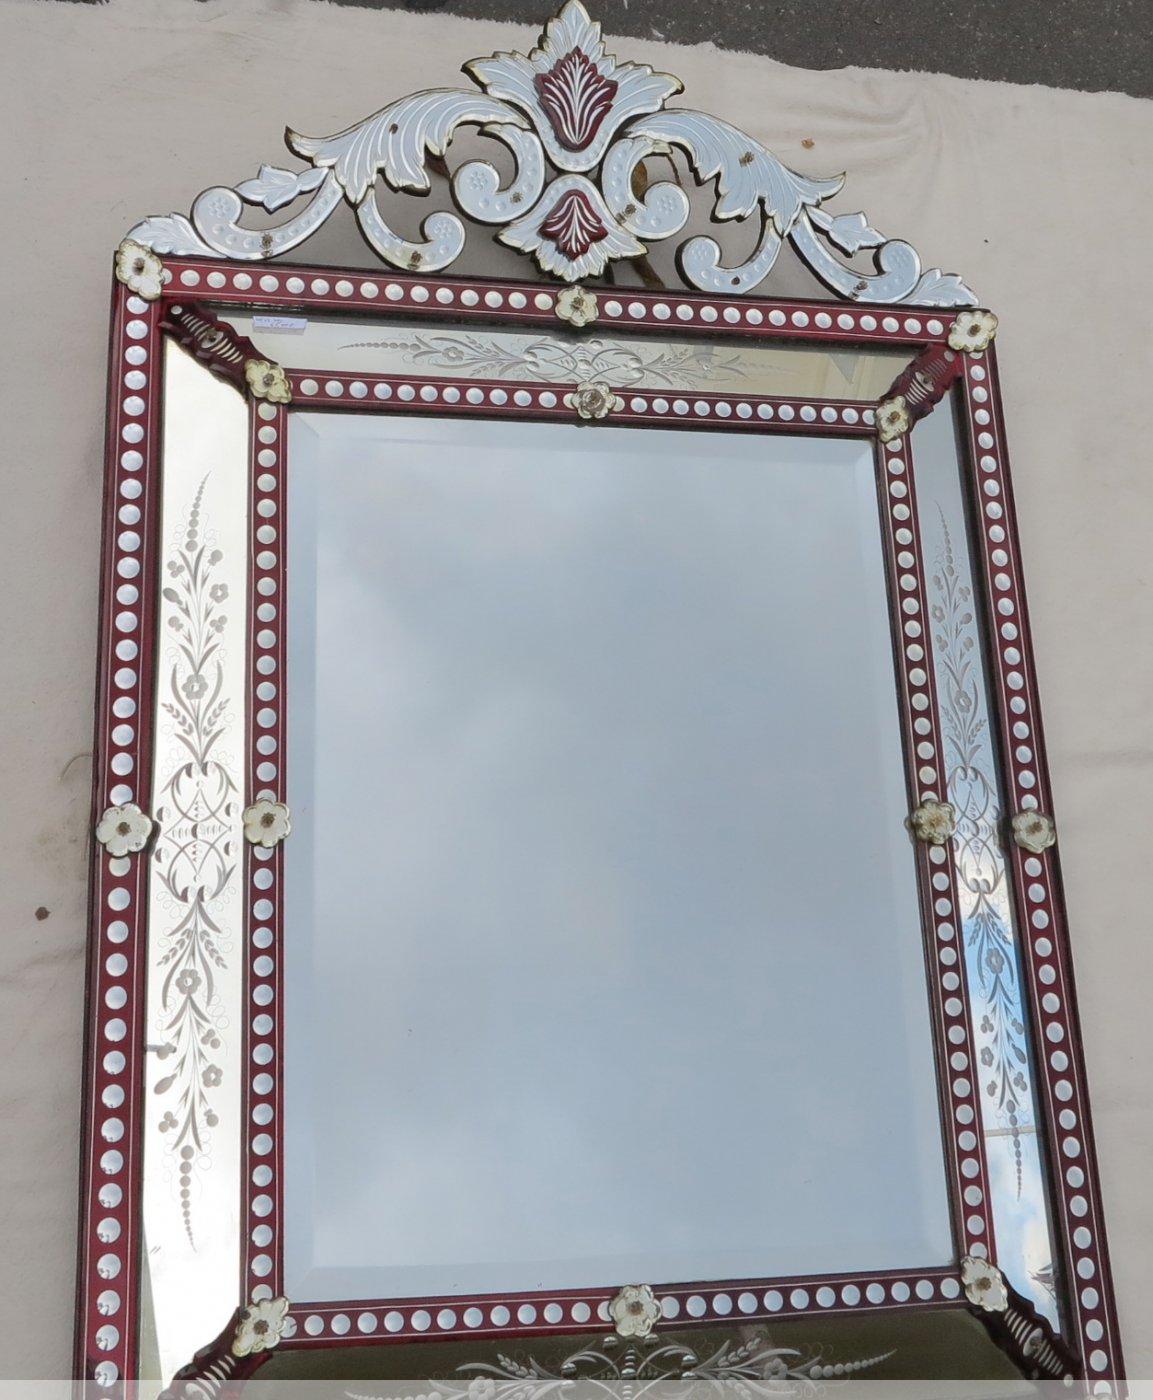 Miroir venitien fronton couleur rouge boh me xixe for Miroir boheme